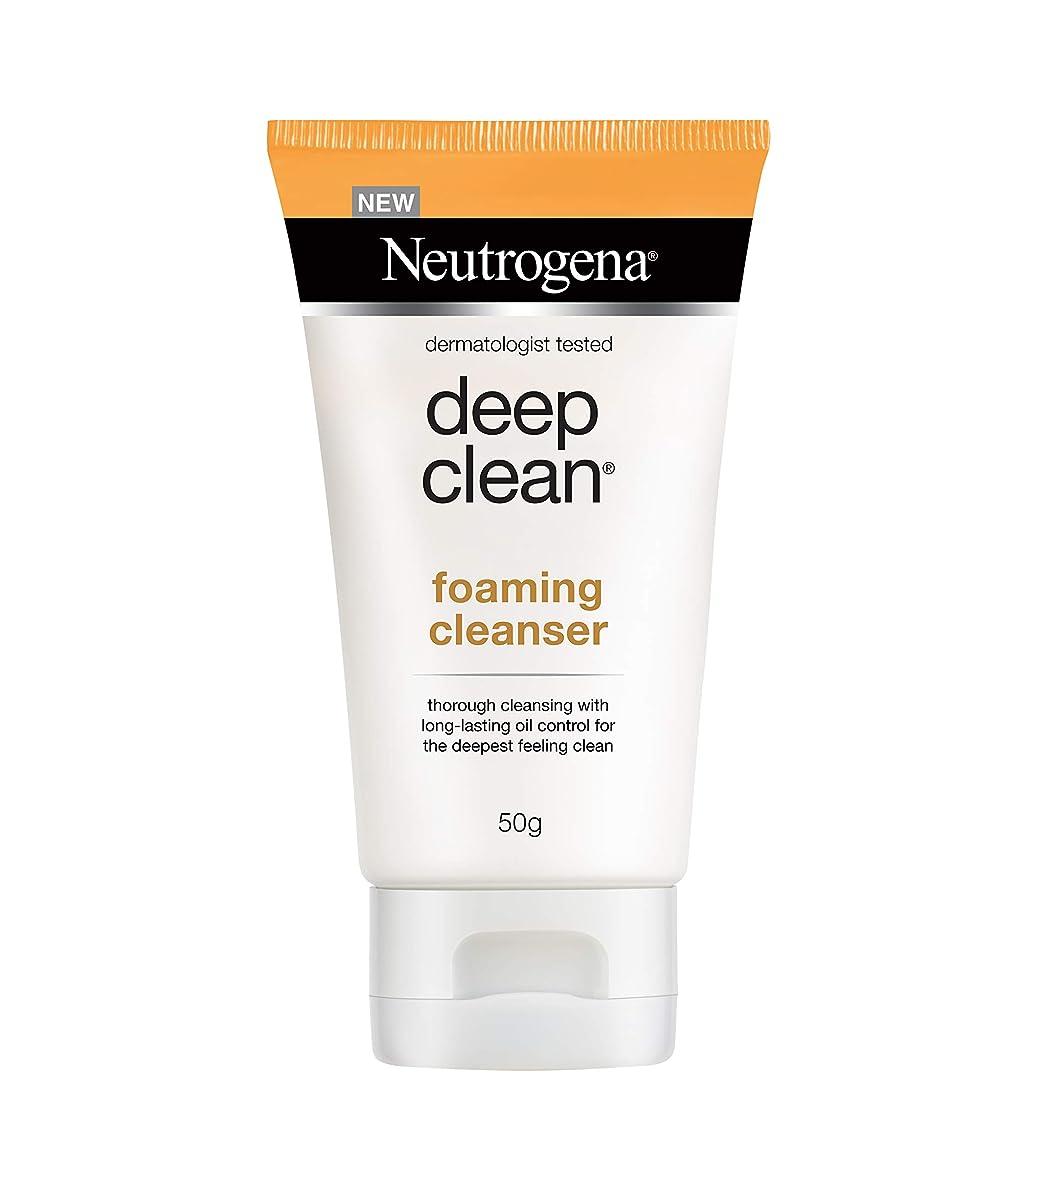 後世養う提出するNeutrogena Deep Clean Foaming Cleanser, 50g